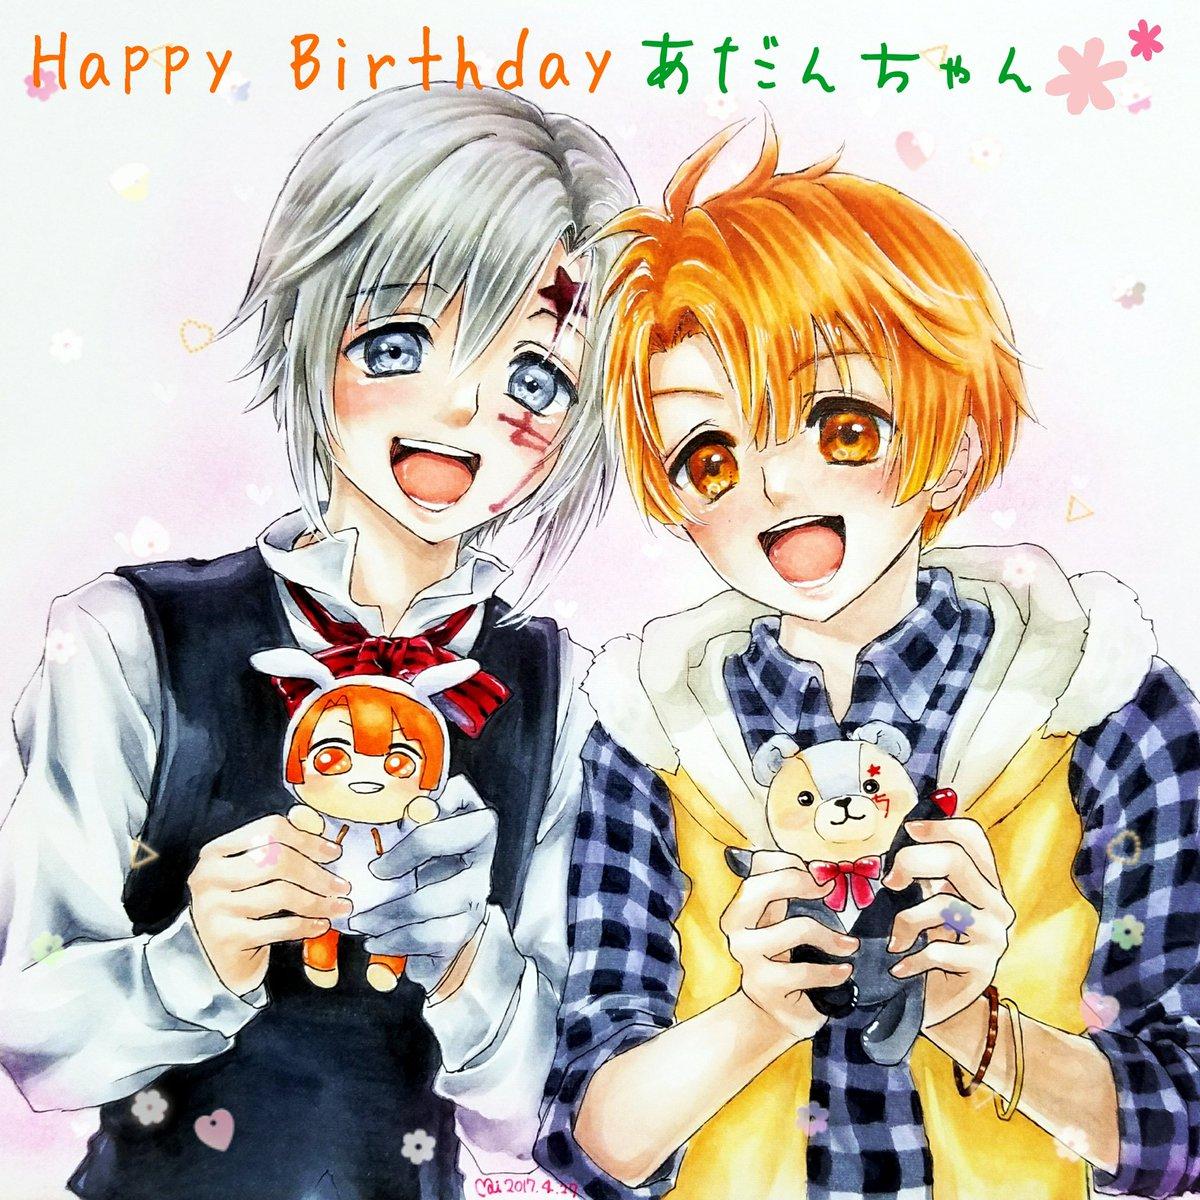 だんにゃー♡お誕生日おめでとう(*´˘`*)♡あだんちゃんとDグレもアイナナも一緒にすきすき出来てとっても嬉しい٩(*